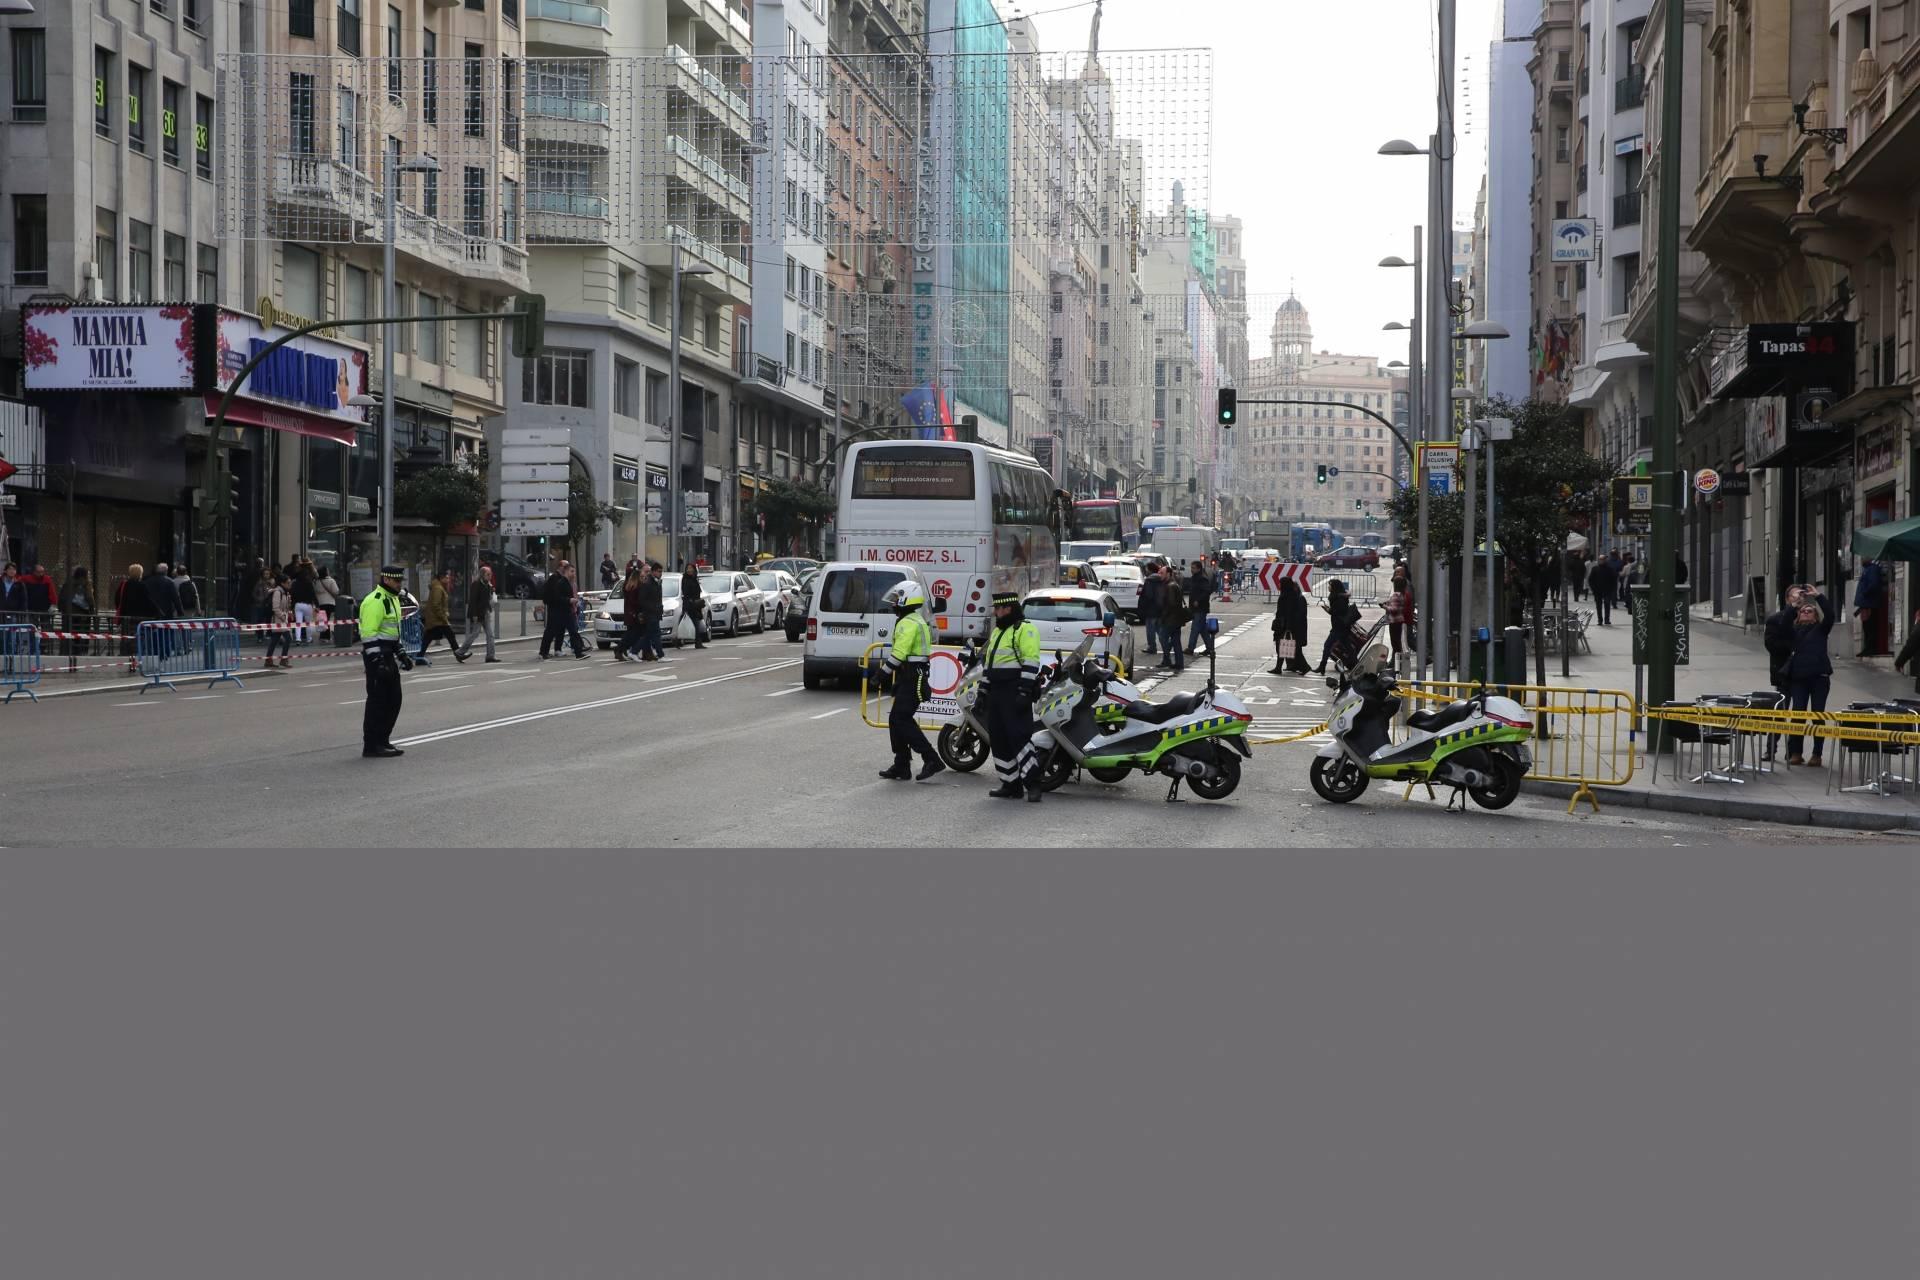 La madrileña calle de Gran Vía durante los cortes al tráfico, en diciembre de 2016..